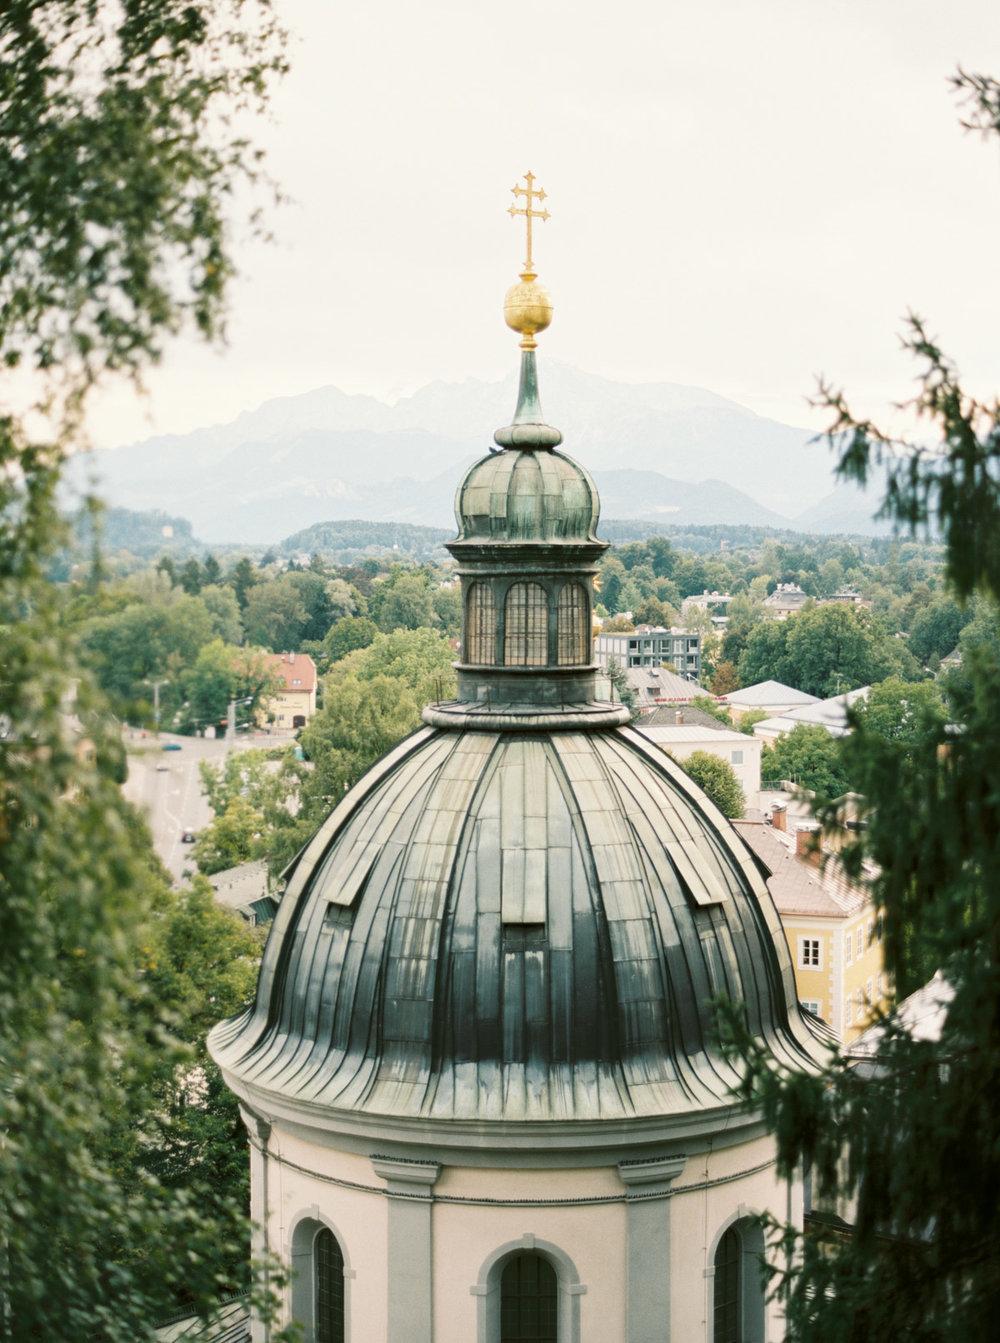 Historic Austria